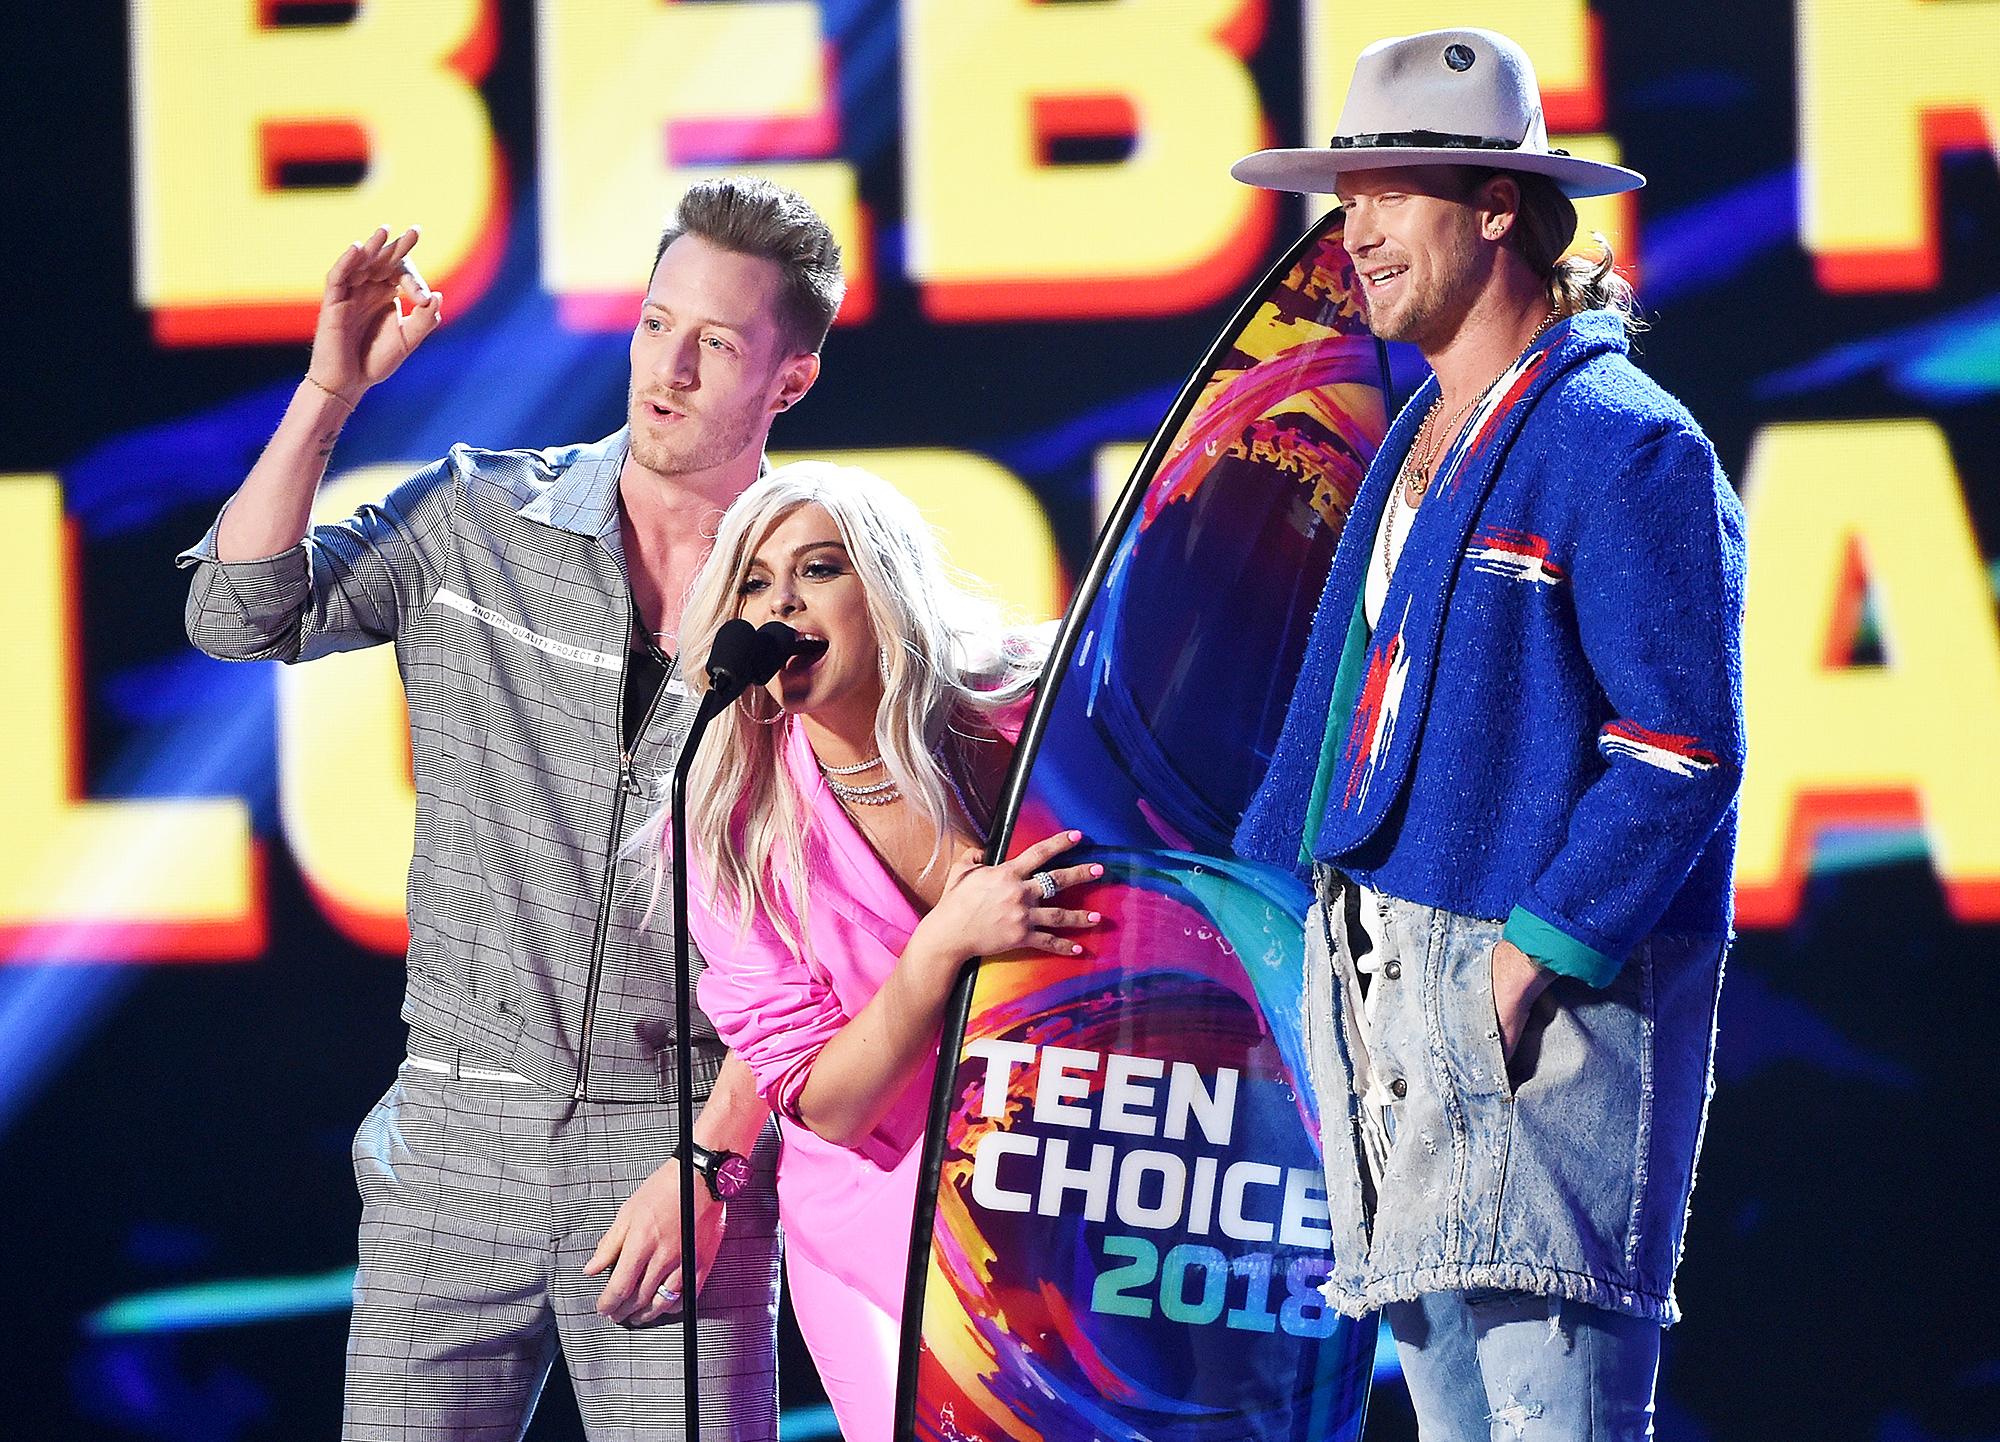 Bebe Rexha Teen Choice Awards 2018